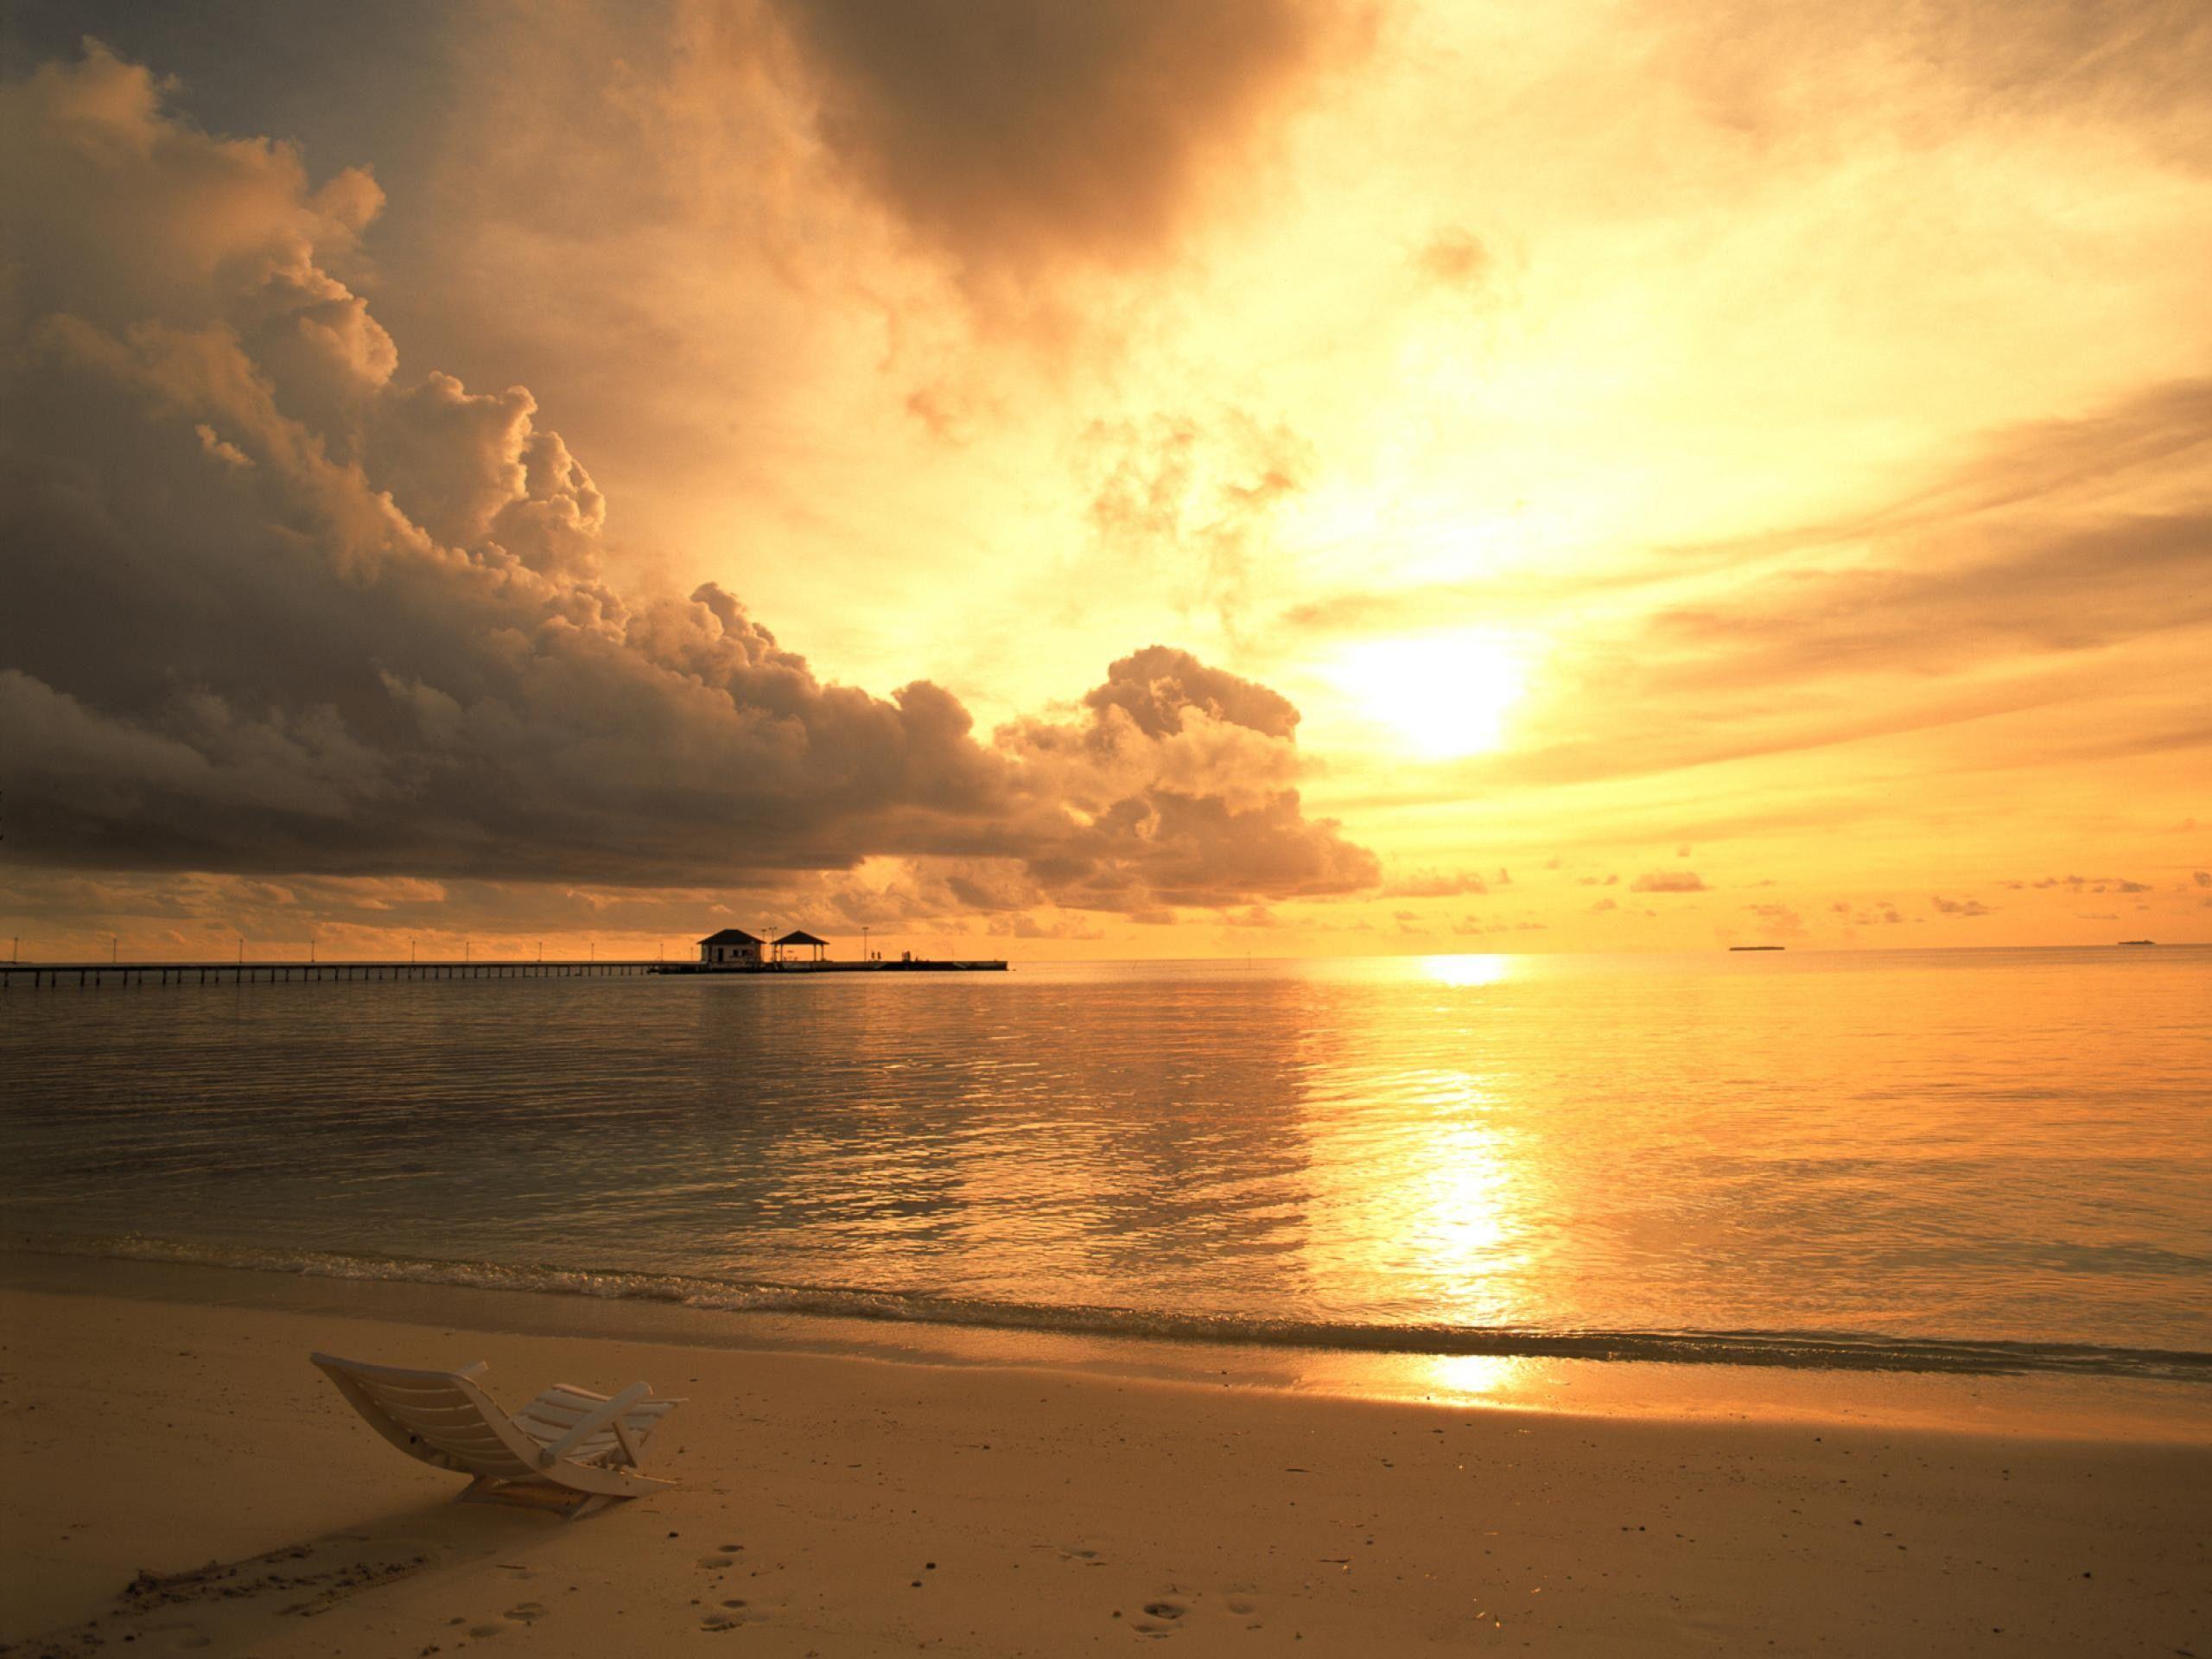 Tropical Beach Sunrise Wallpaper Images 6 HD Wallpaperscom